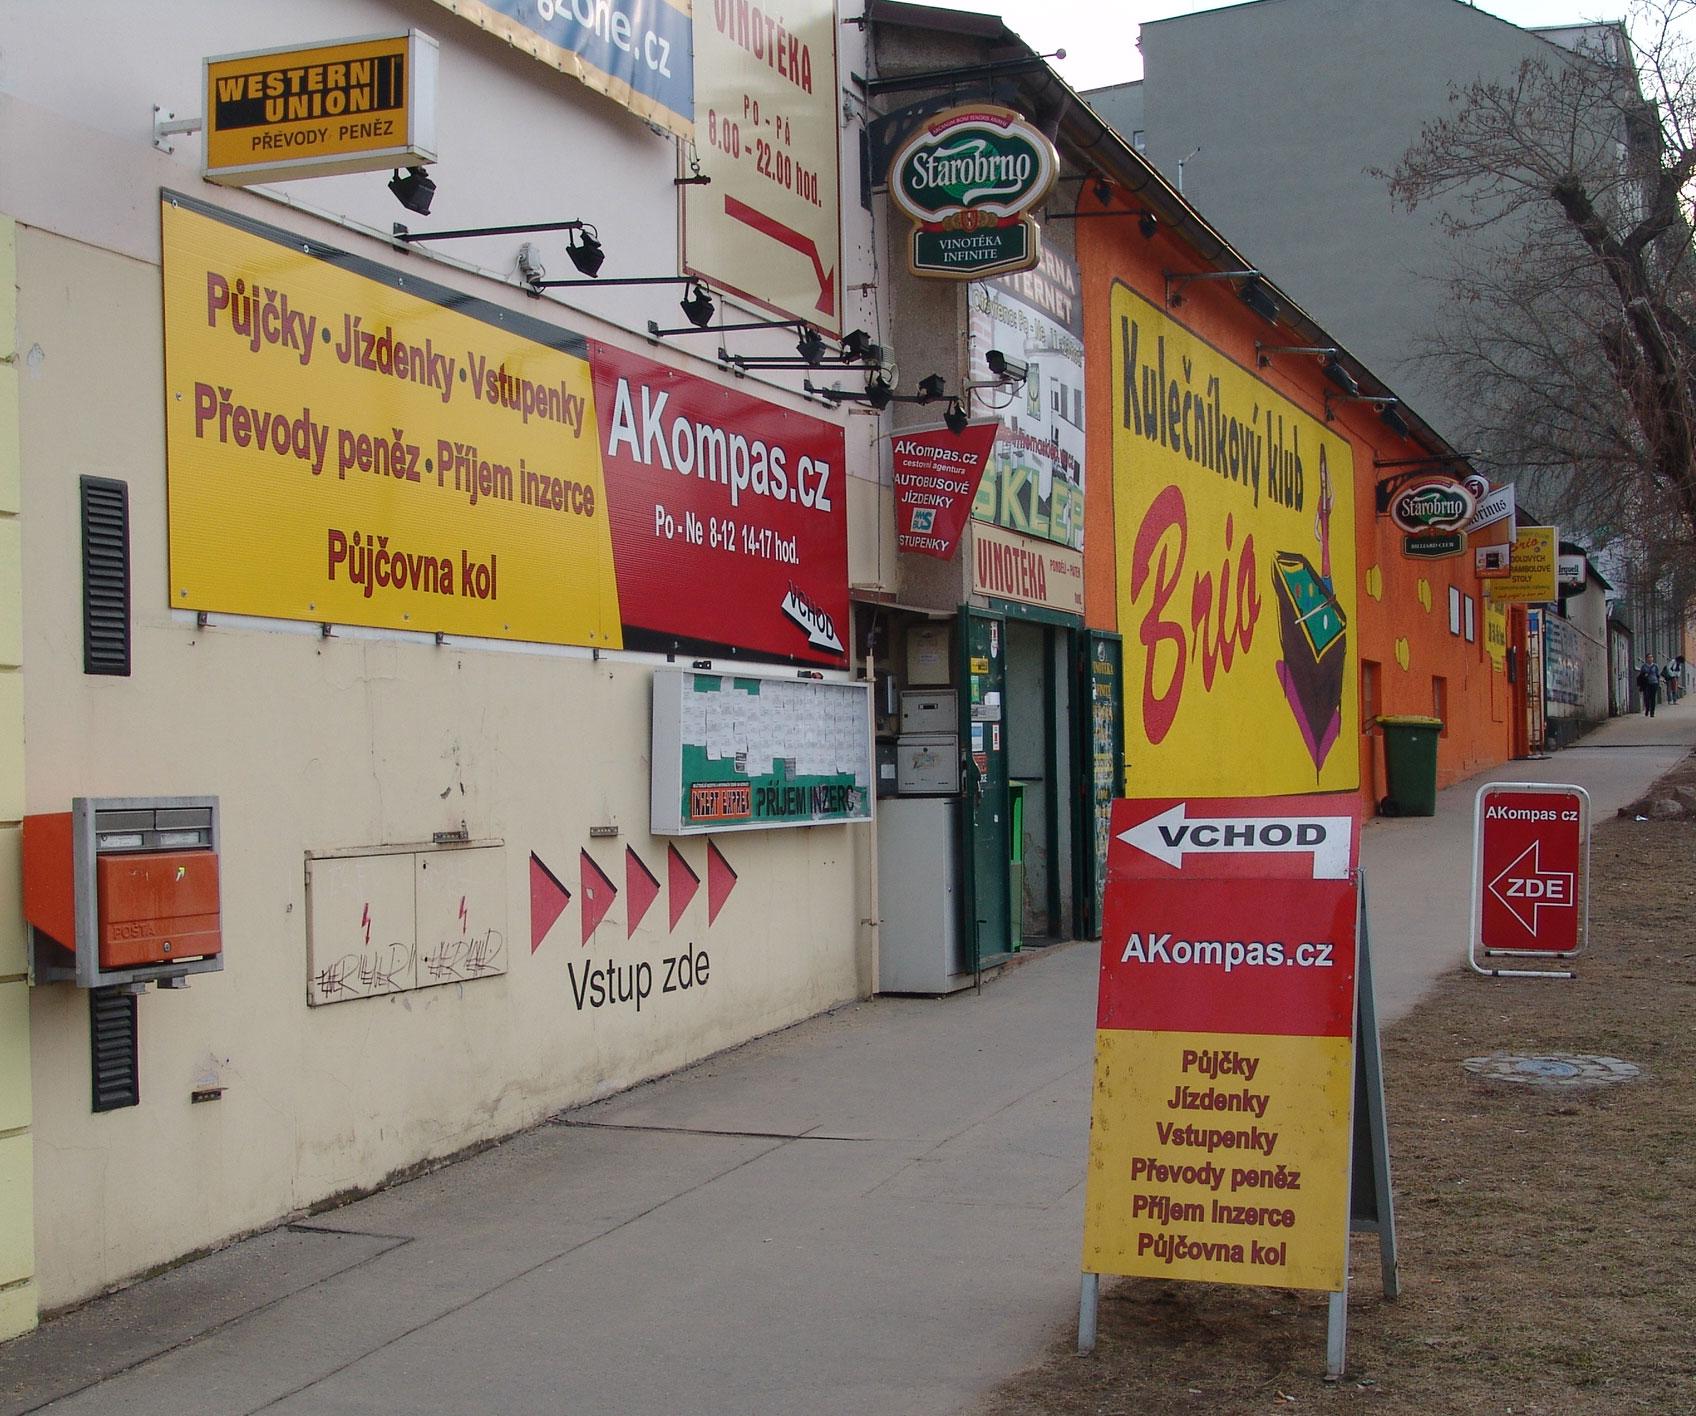 AKompas Brno půjčky Western Union vstupenky jízdenky půjčovna kol